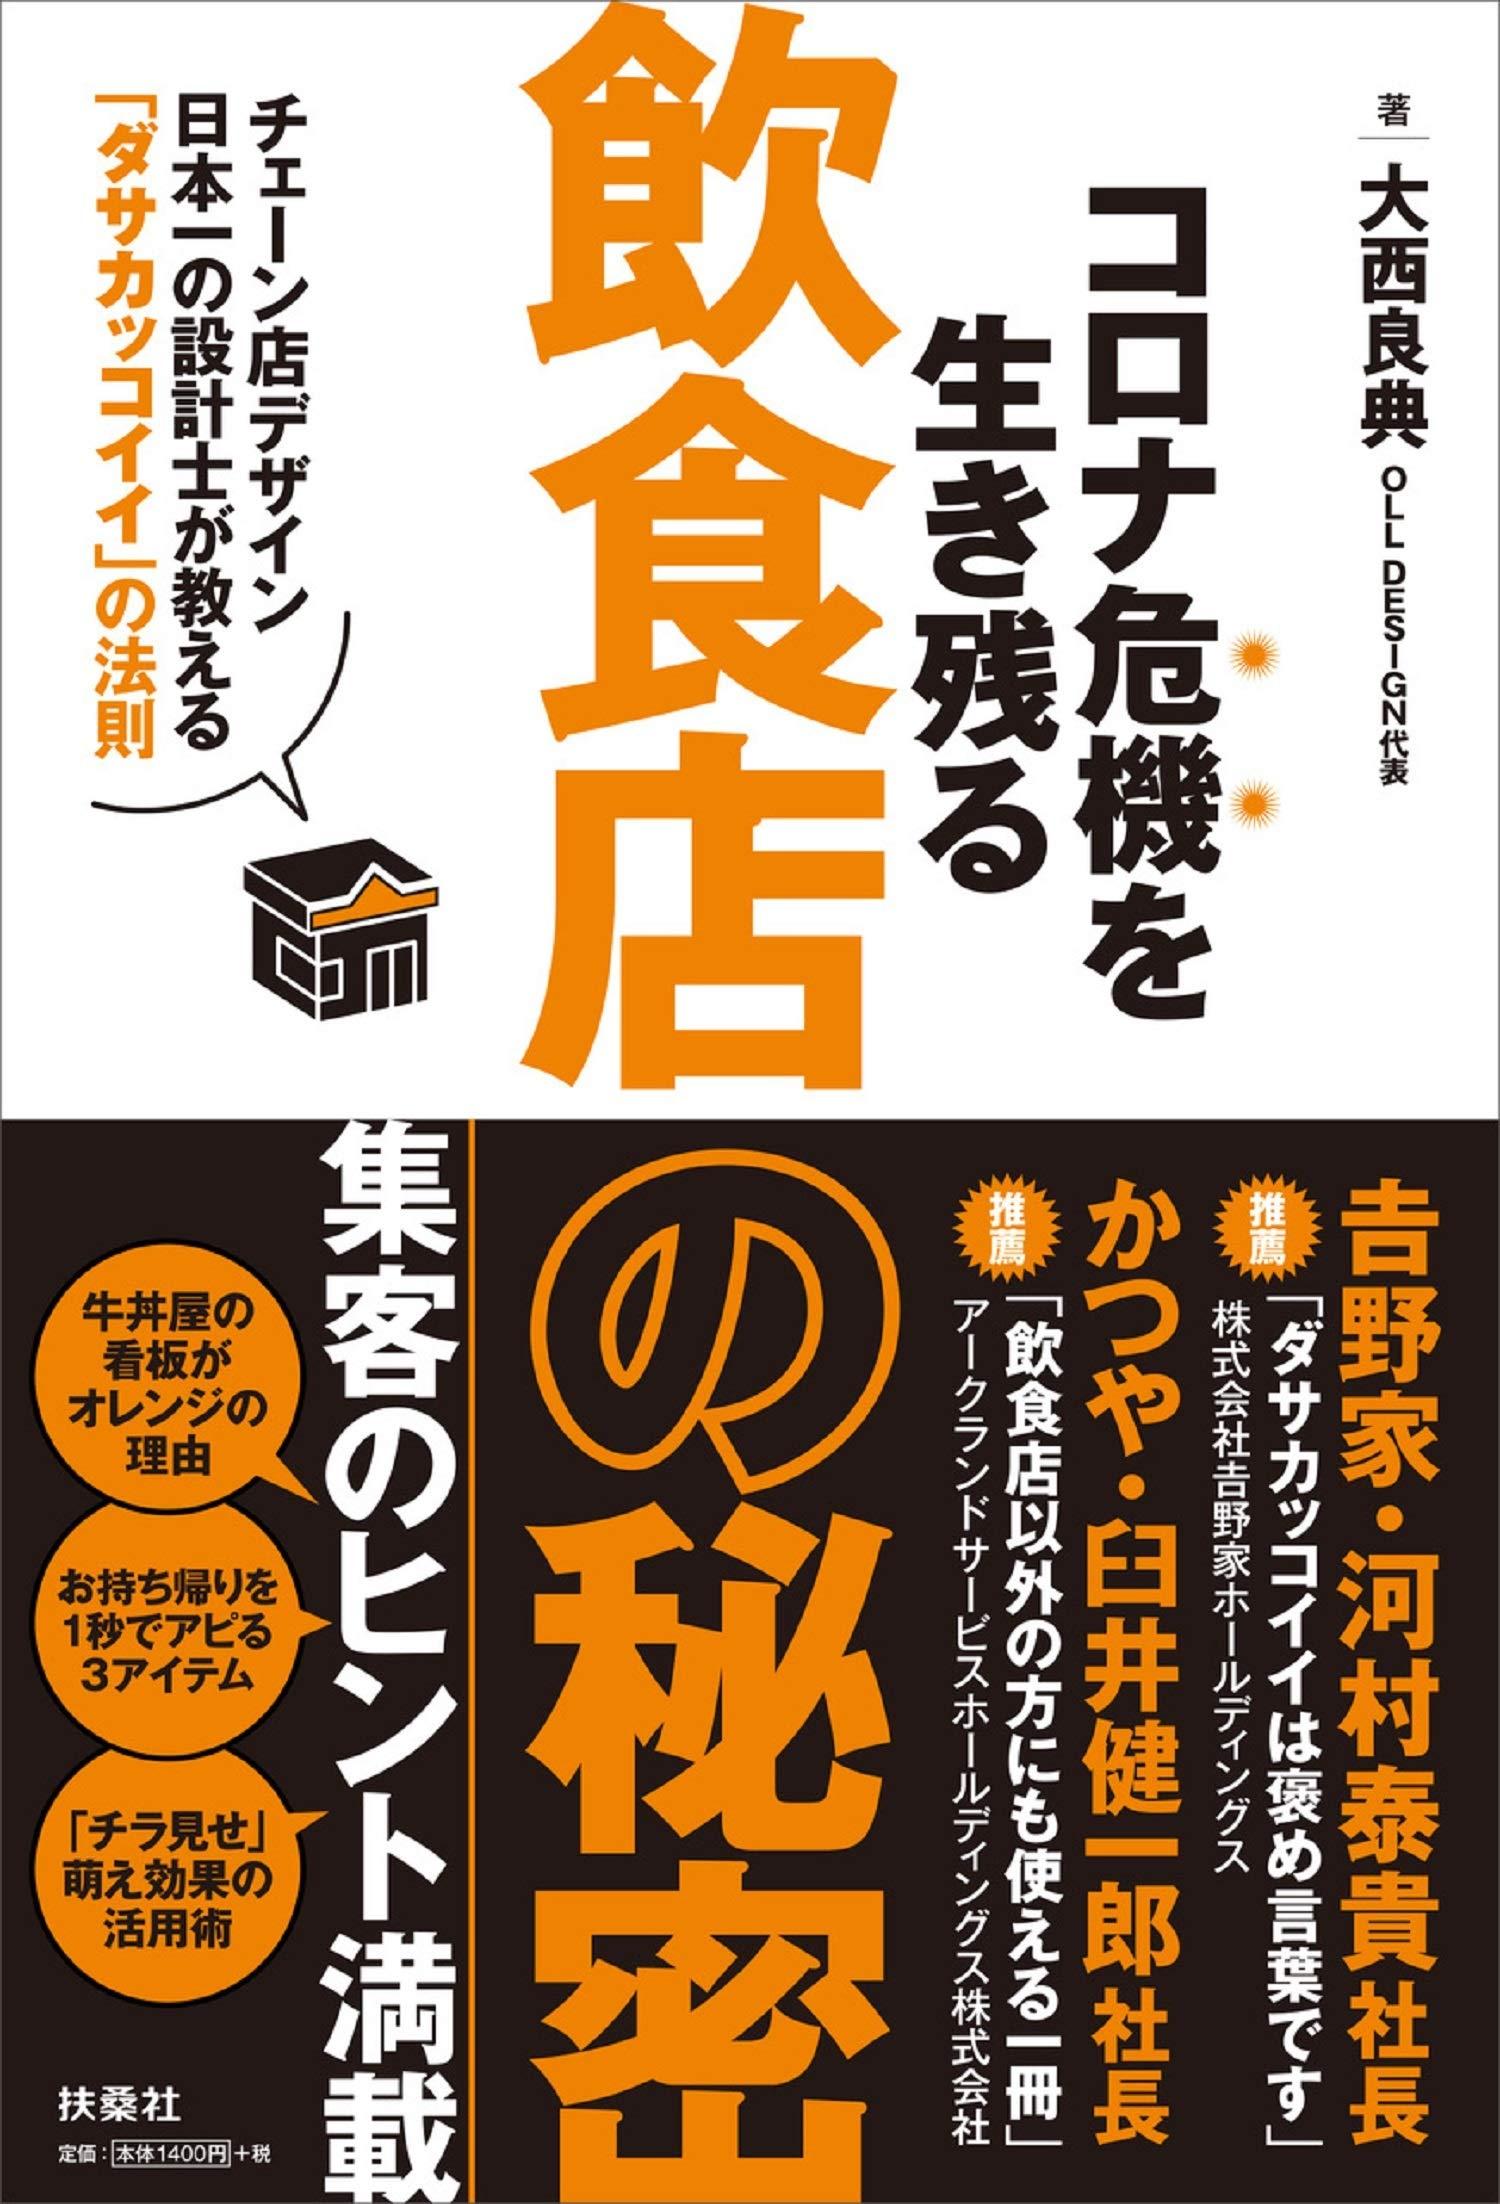 コロナ危機を生き残る飲食店の秘密~チェーン店デザイン日本一の設計士が教える「ダサカッコイイ」の法則~